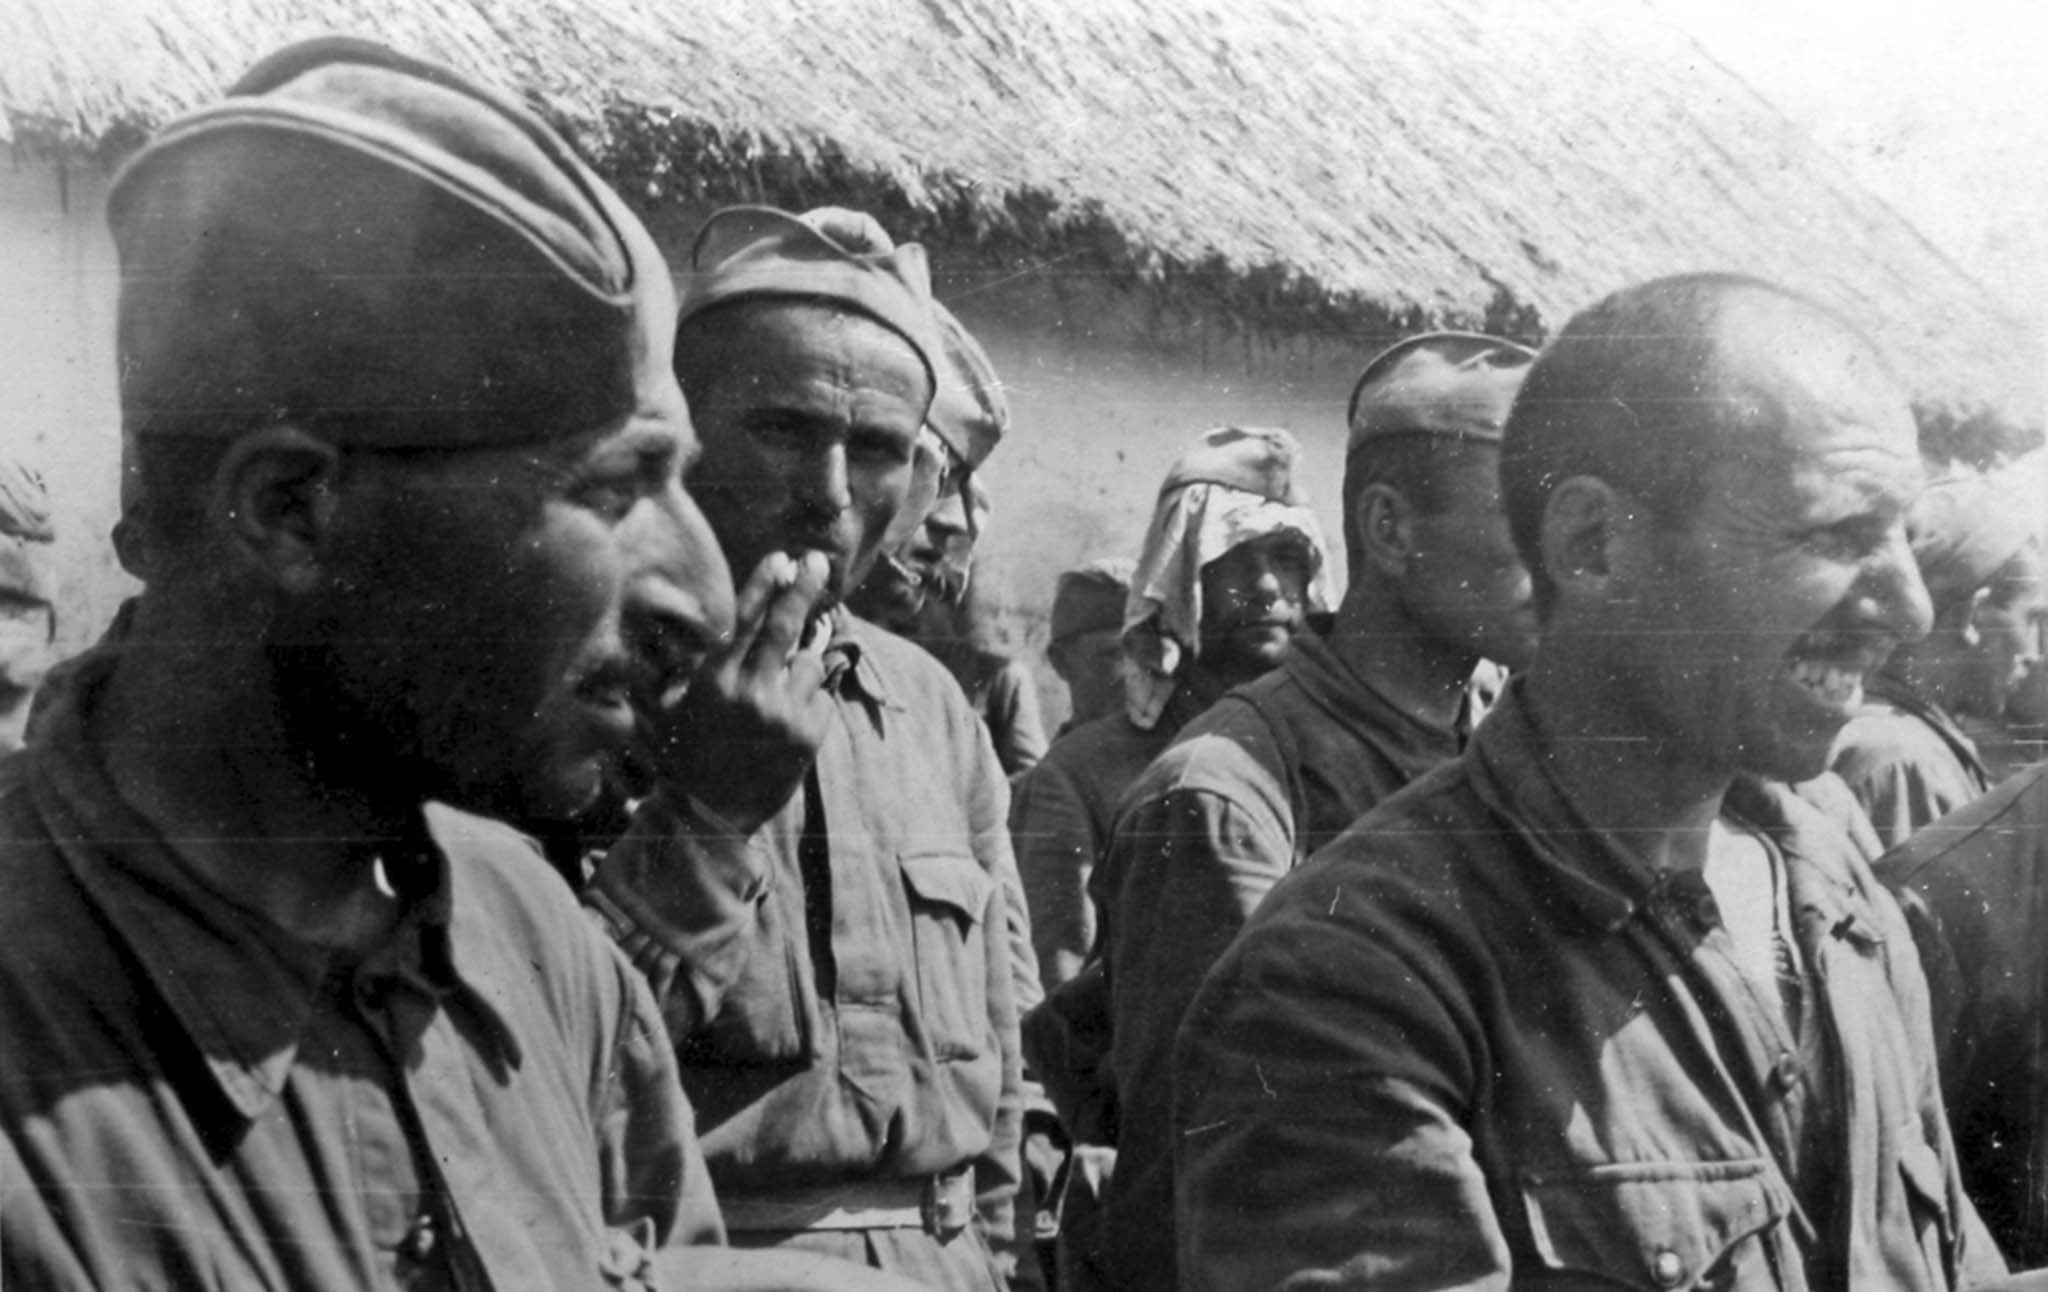 Captured Soviet soldiers